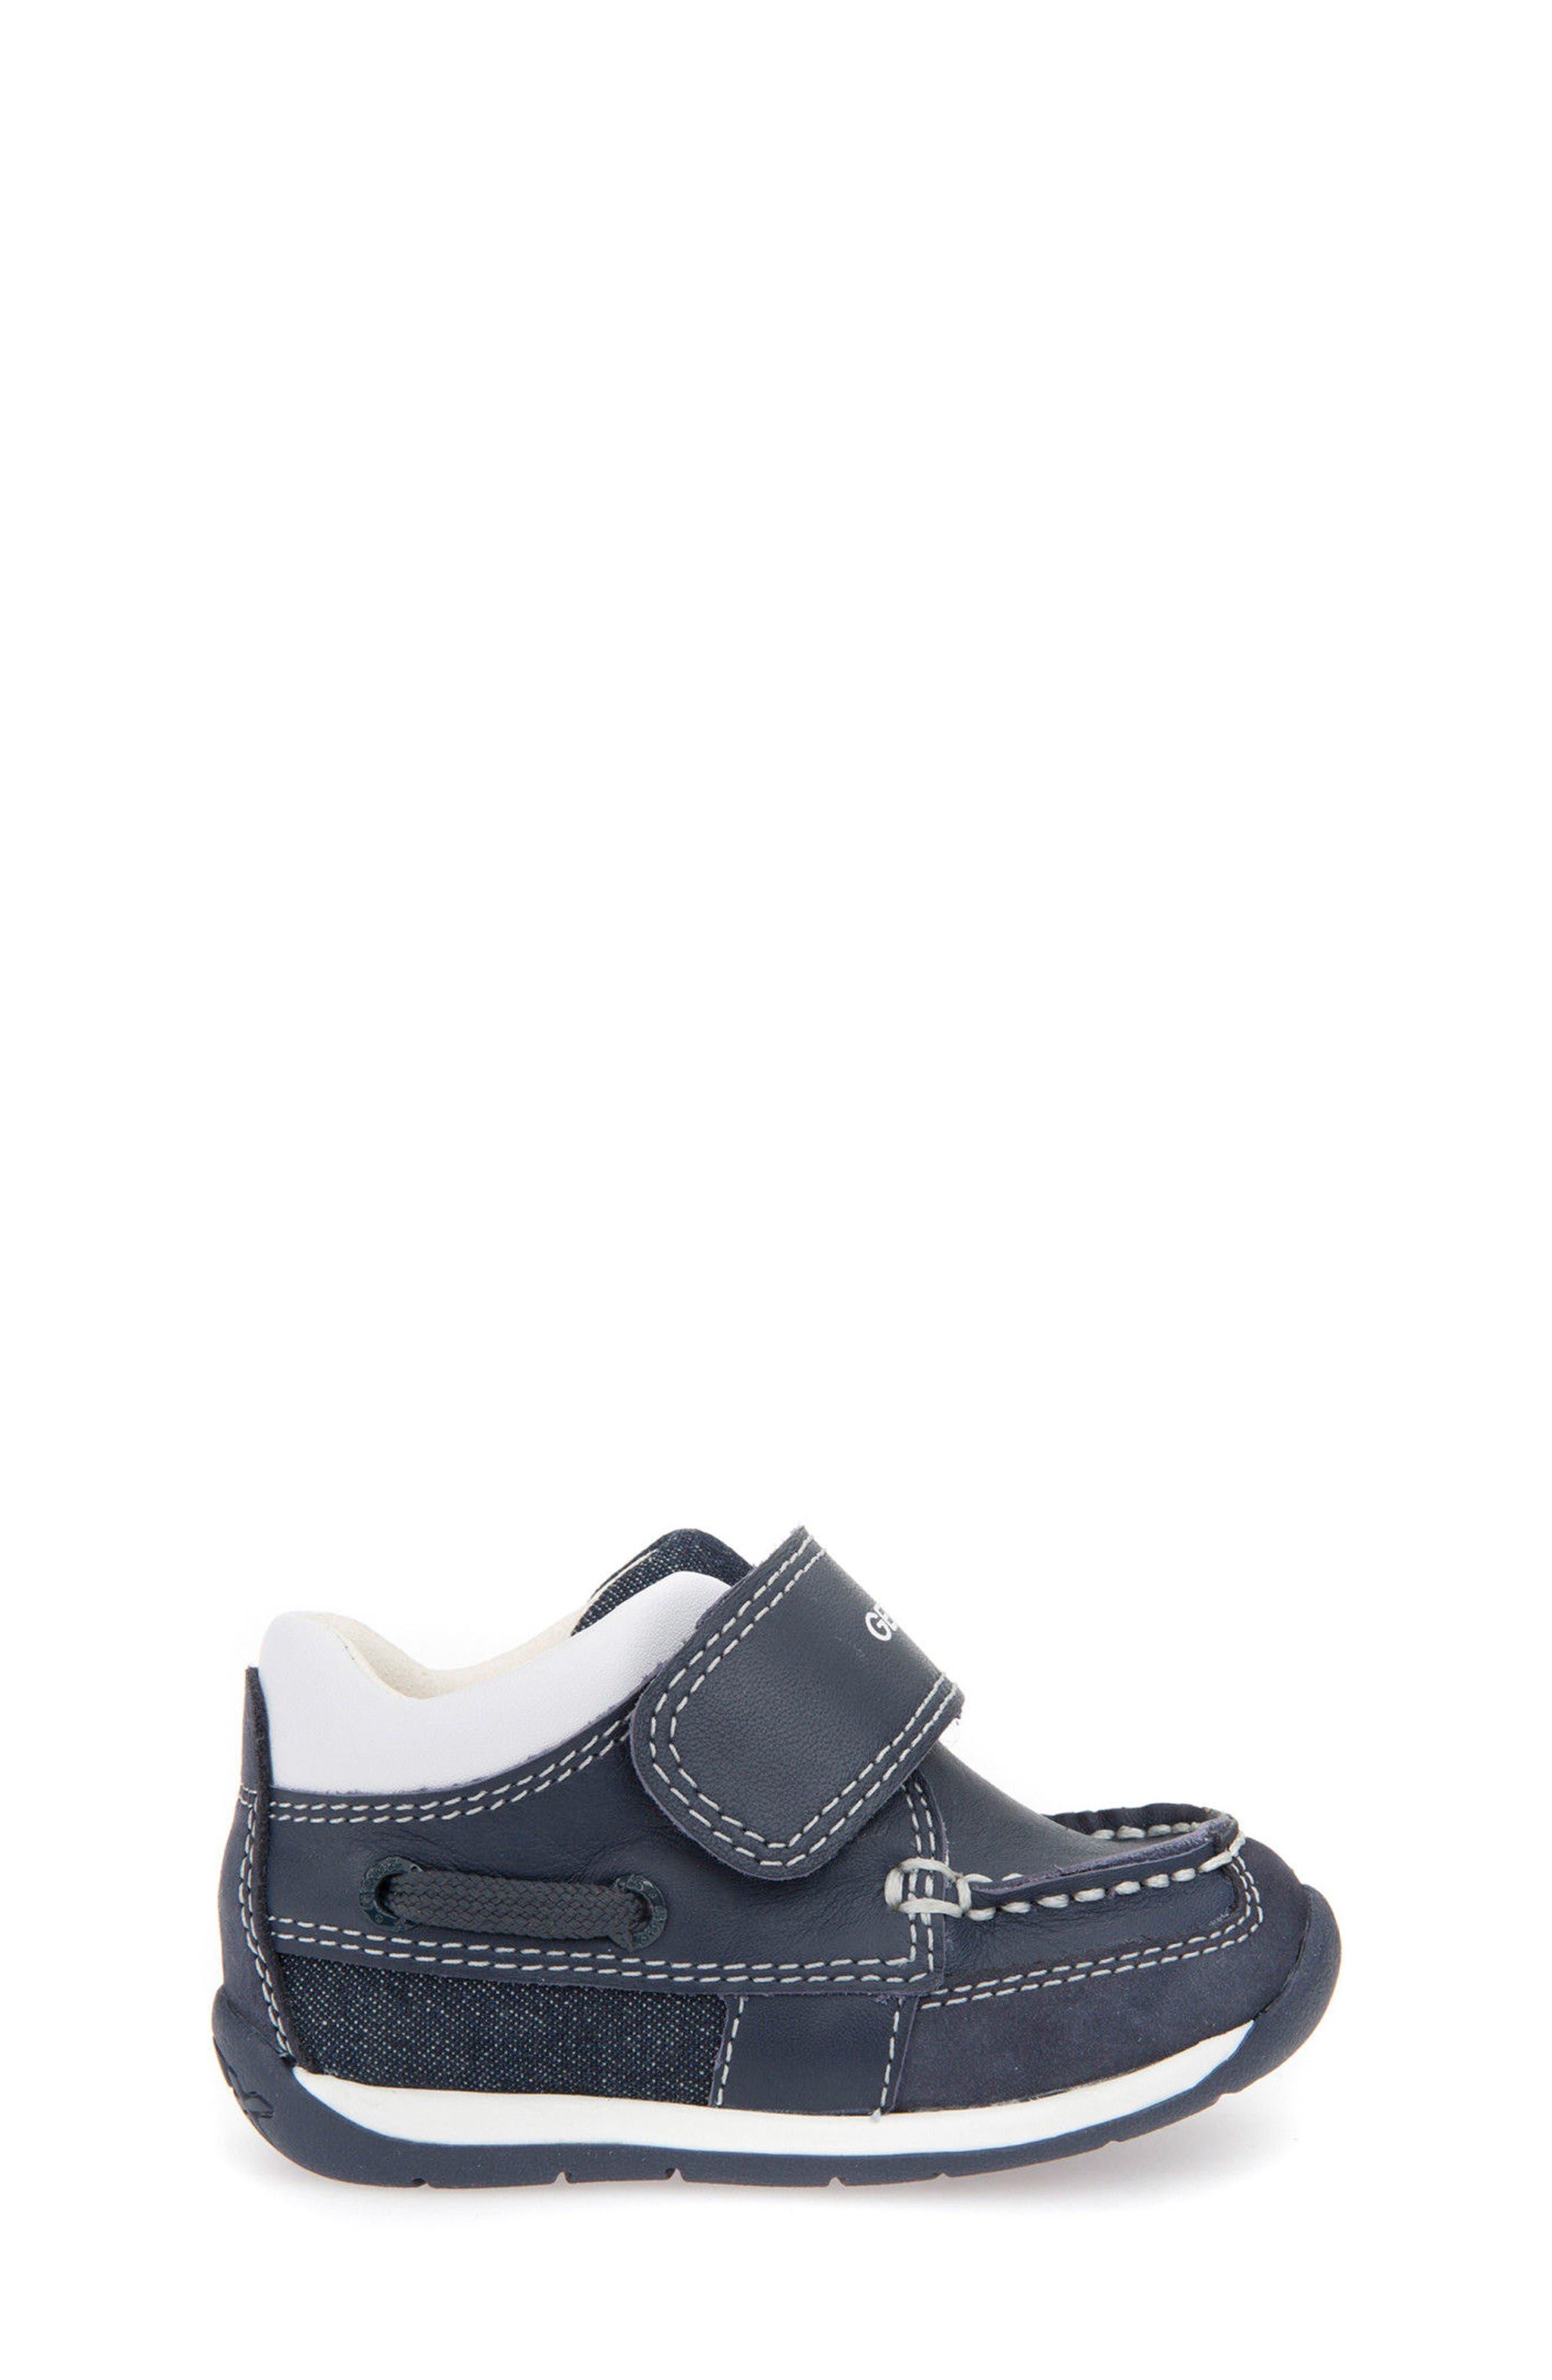 Alternate Image 3  - Geox Beach Sneaker (Baby, Walker & Toddler)